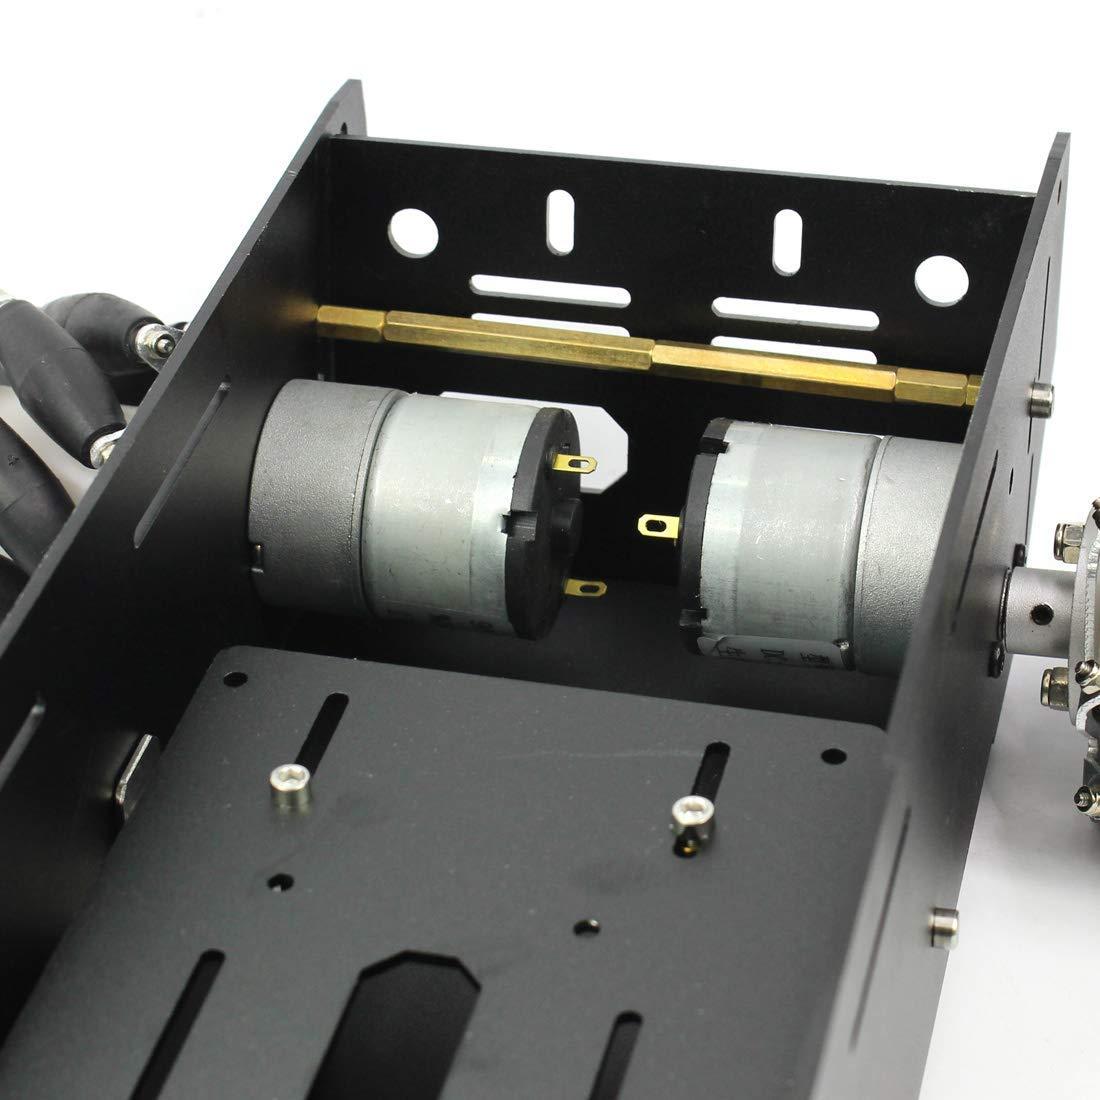 4WD RC châssis de voiture intelligente pour plate-forme Arduino avec moteur 12 V bricolage 4 roues Robot - 4